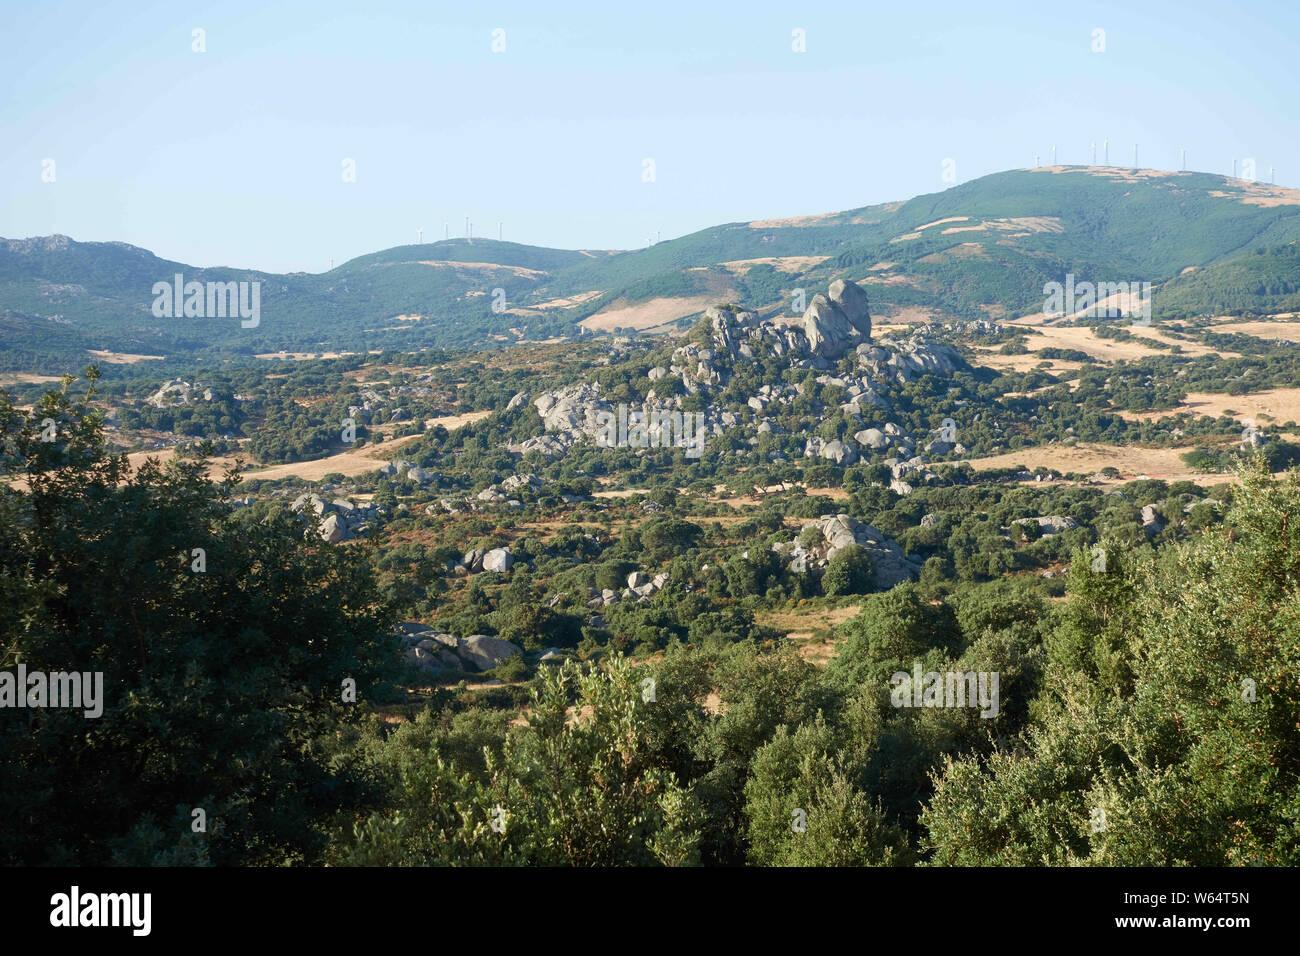 Valle della Luna, valley of the moon, granite landscape at Aggius, Olbia-Tempio, Gallura, Sardinia, Italy, Mediterranean sea, Europe Stock Photo